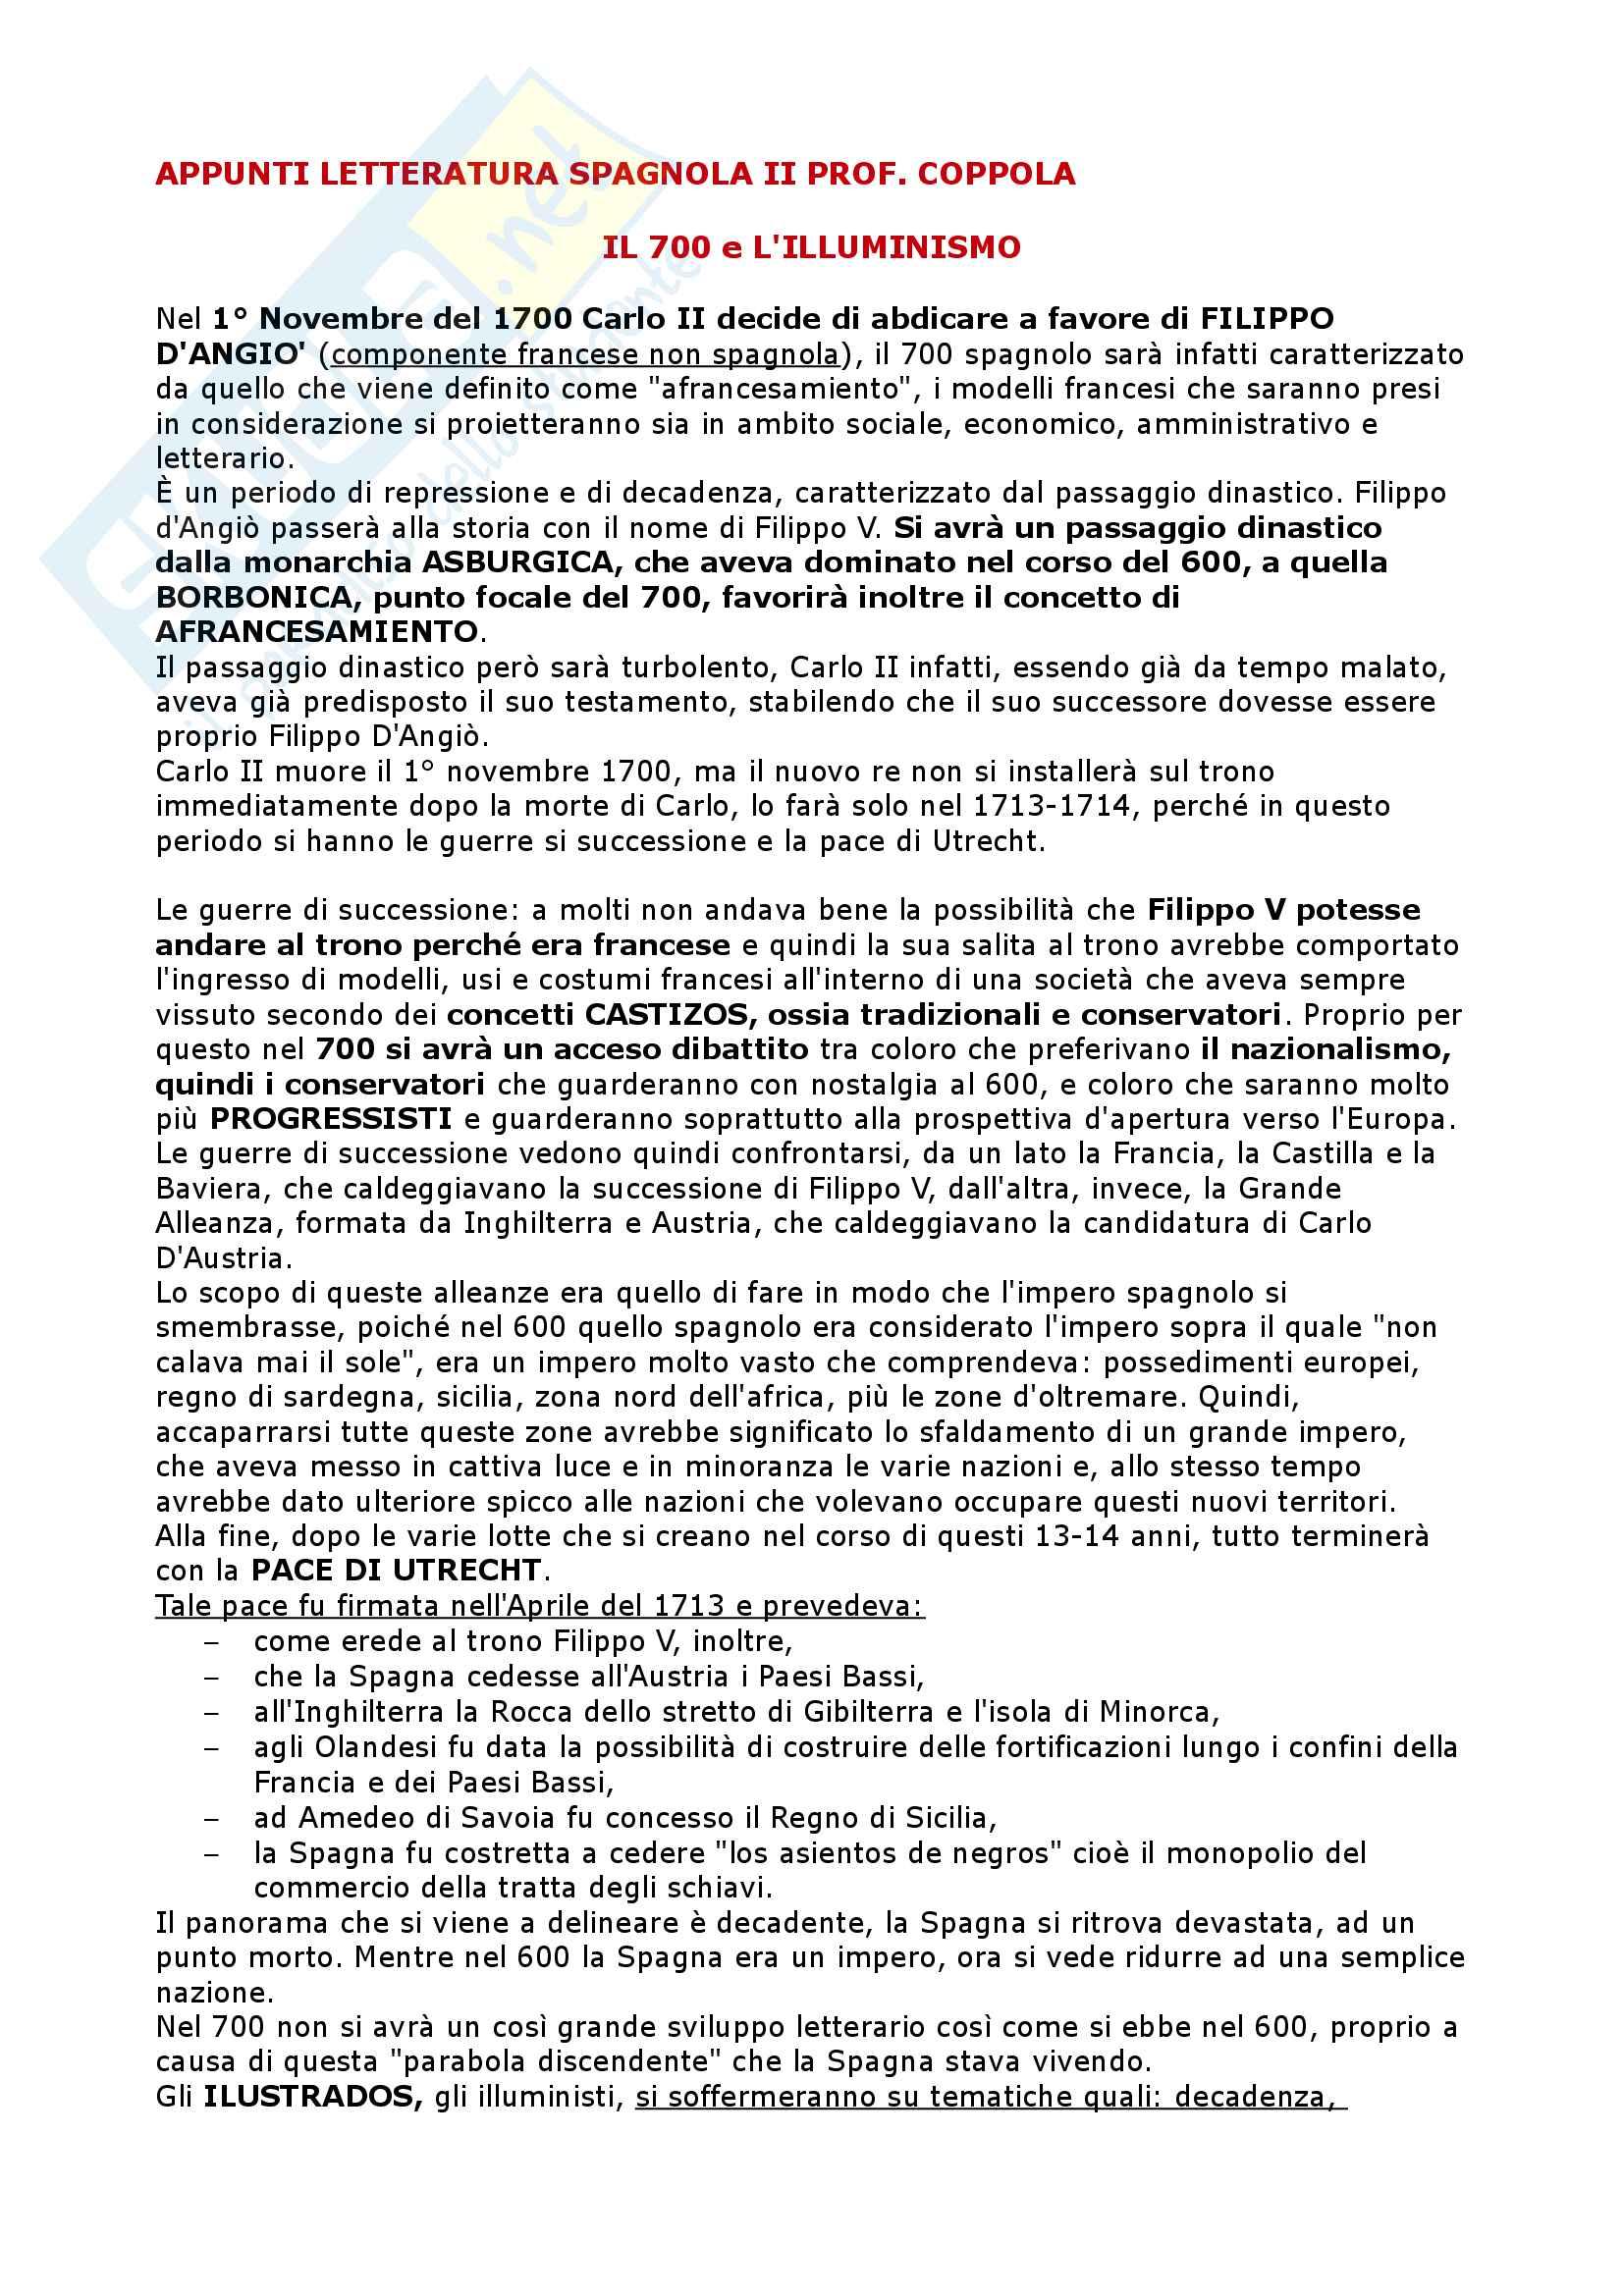 Il Settecento, l'Ottocento, il Novecento - Letteratura Spagnola II